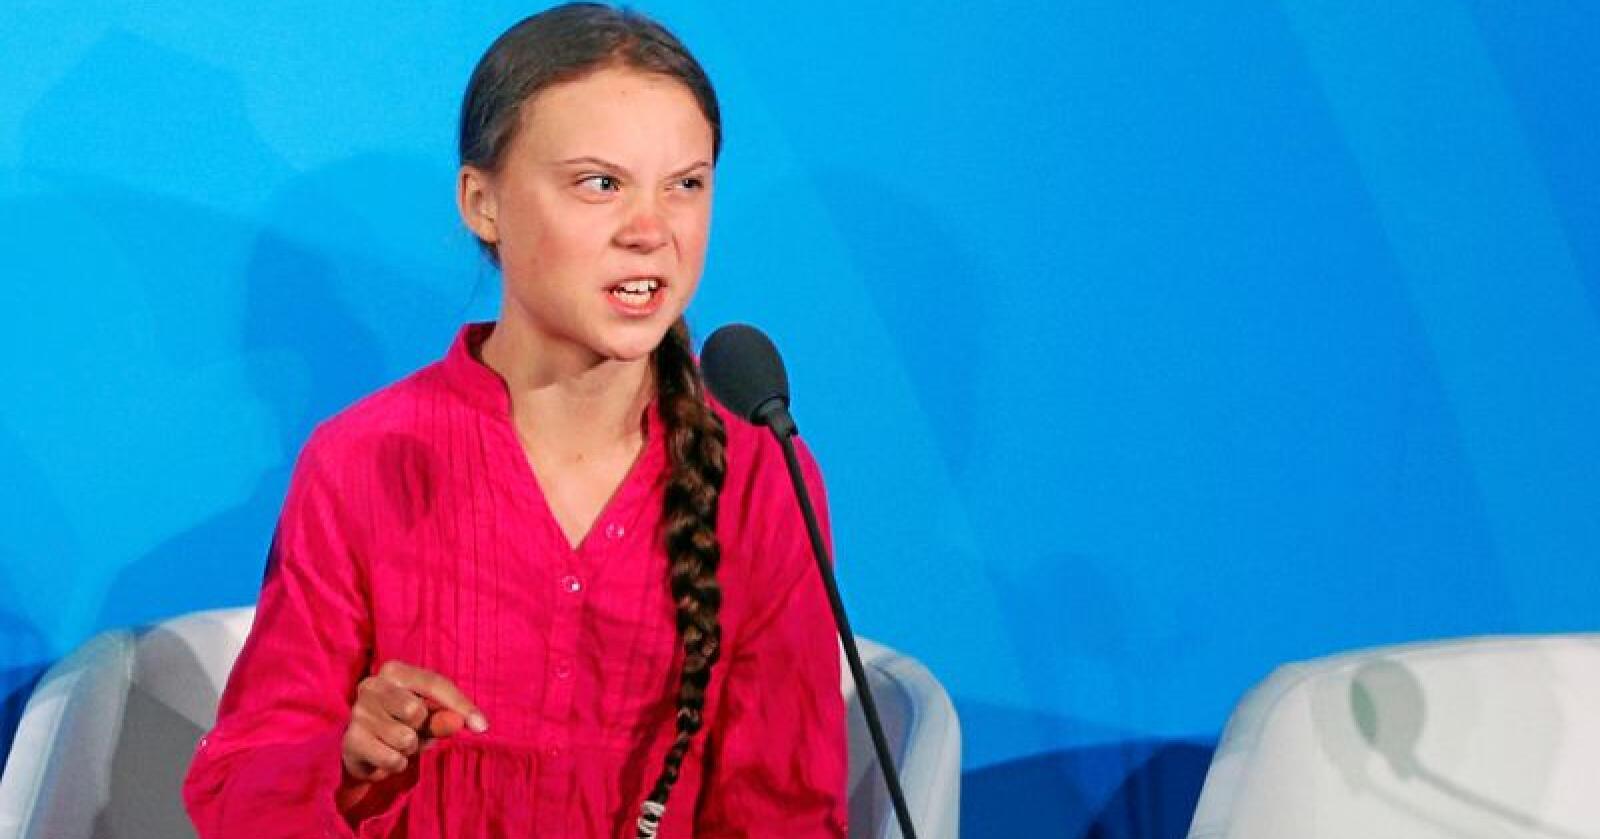 For sint og bastant? Greta Thunberg driver skremselspropaganda mener mange. Men miljøkampen trenger de brennende hjerter. Foto: Jason DeCrow / Ap / NTB scanpix